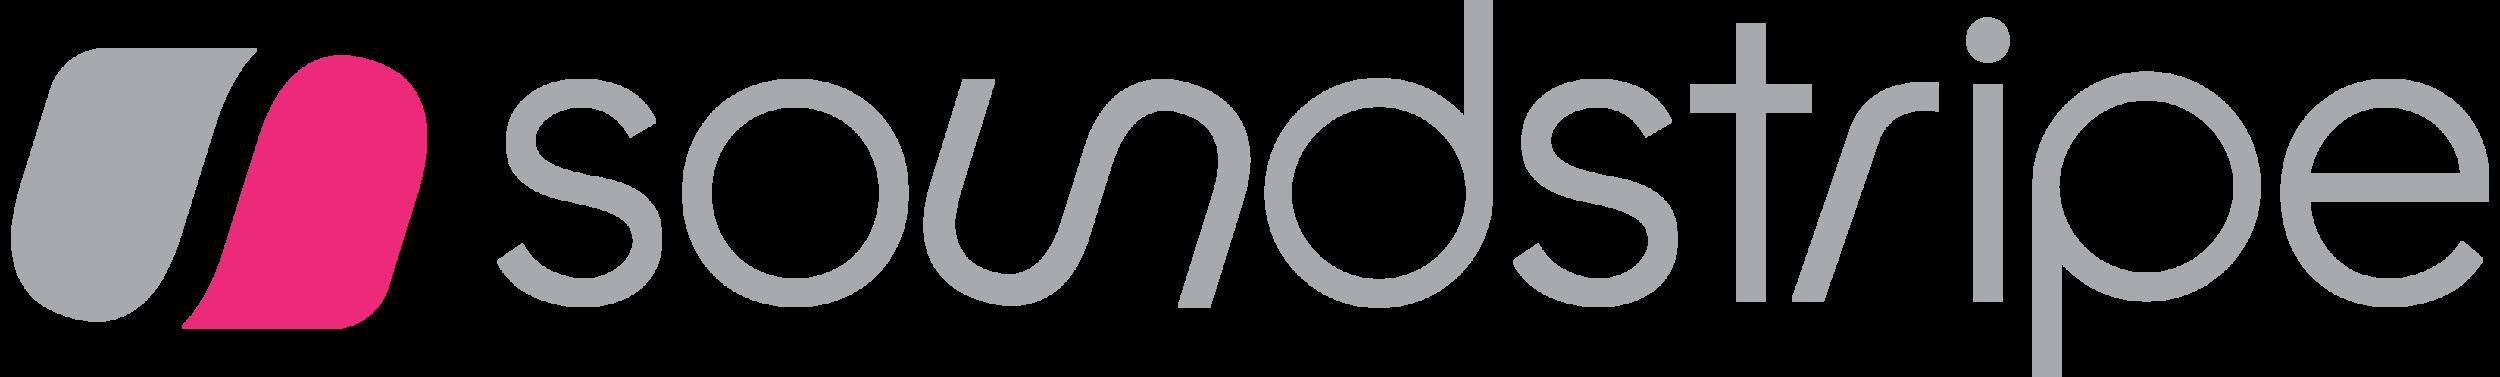 Soundstripe Subscription based music license service online